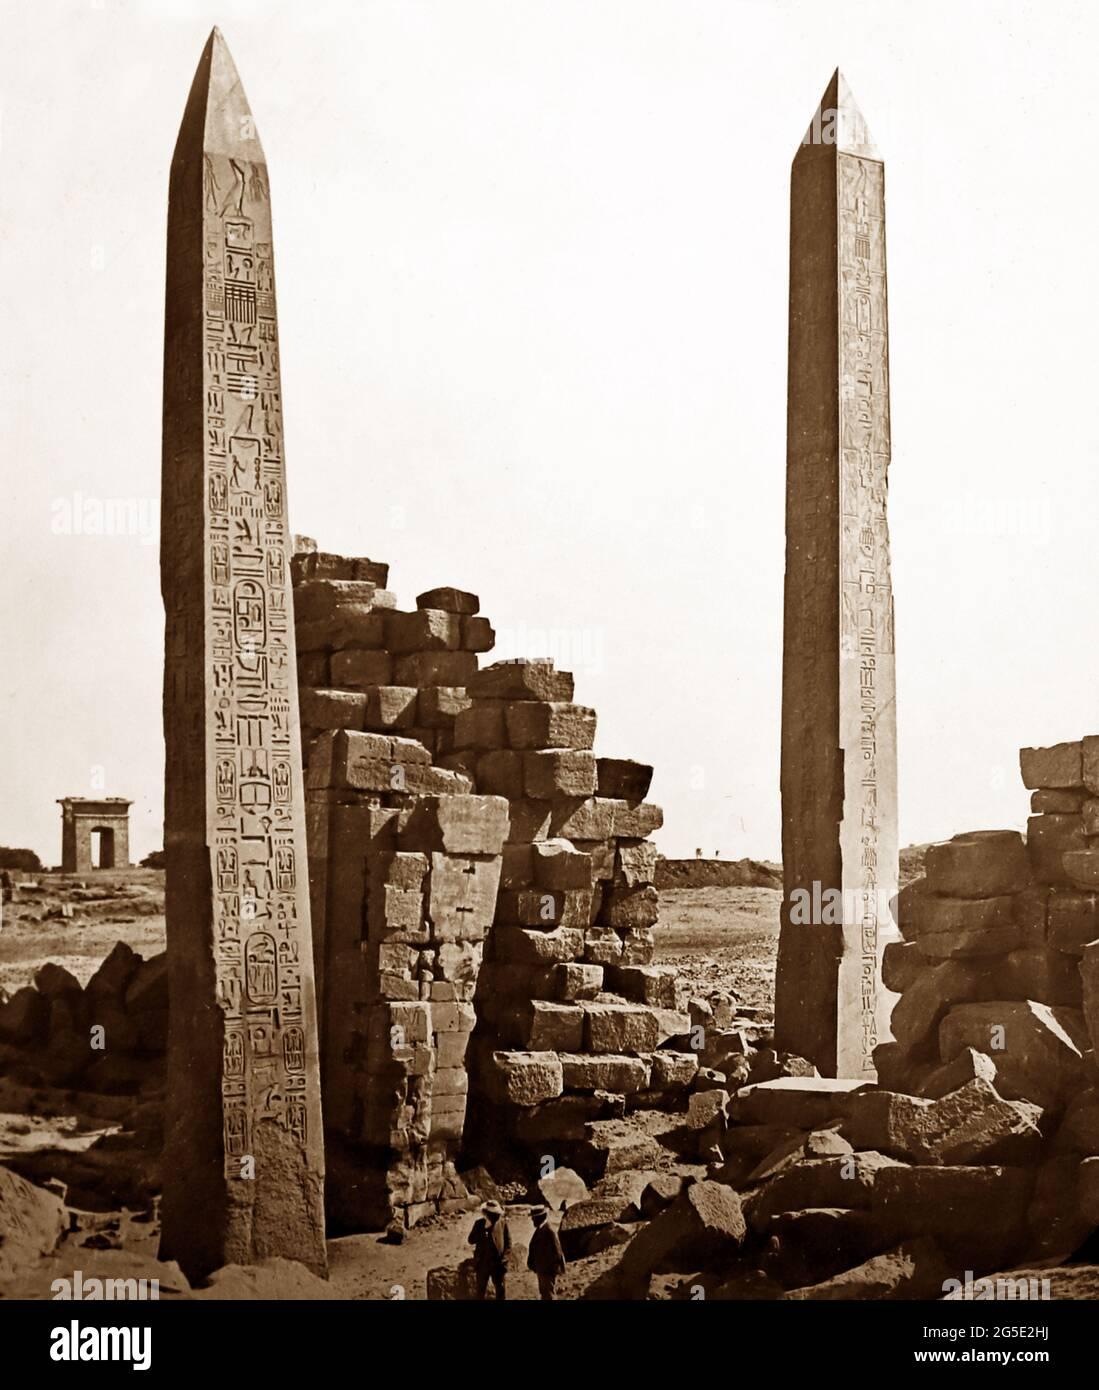 Obelisks à Louxor, Égypte, période victorienne Banque D'Images